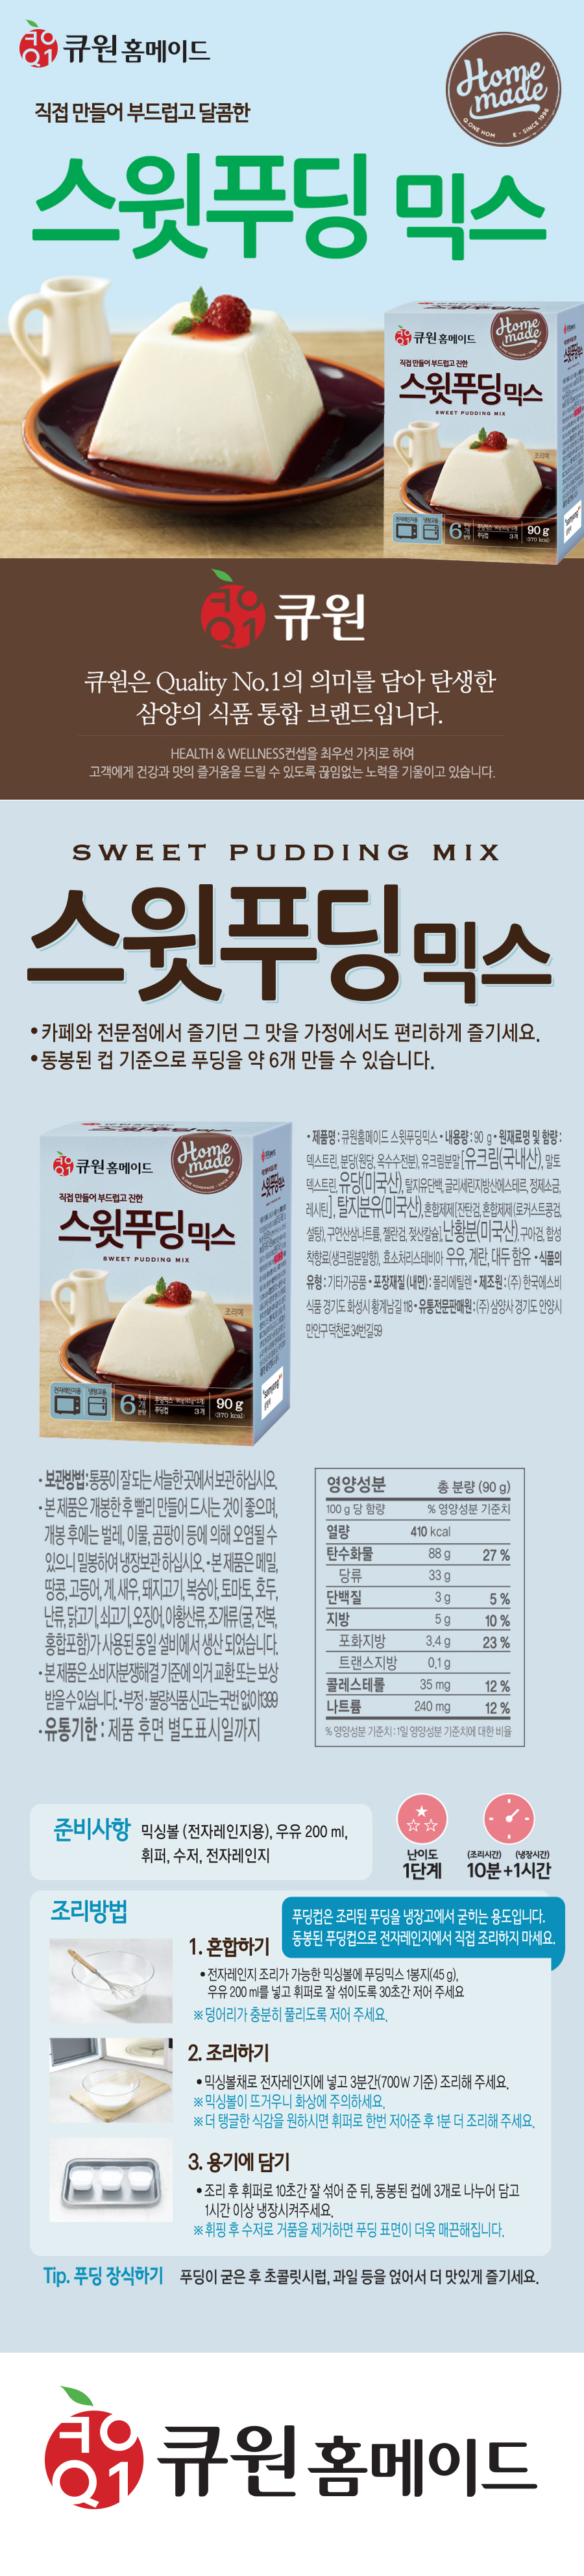 (박스/10개입) 큐원 스윗푸딩믹스/ 전자레인지용 - 레드비, 50,000원, DIY 세트, 쿠키/케이크